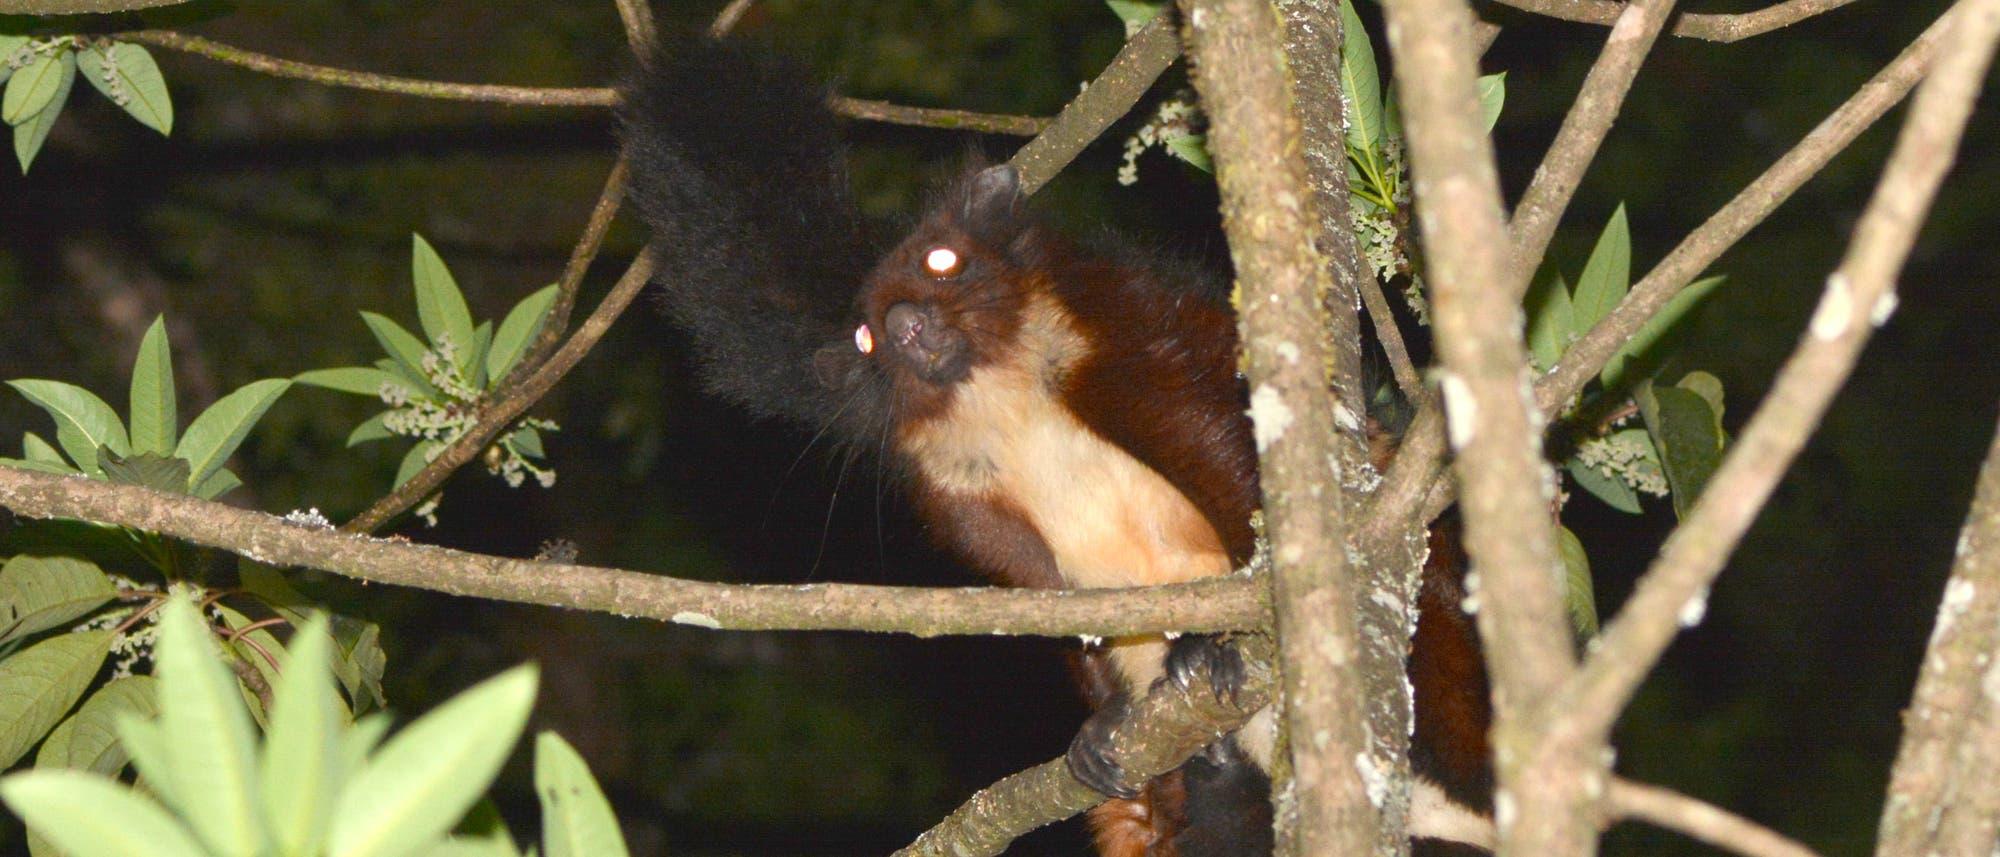 Biswamoyopterus gaoligongensis